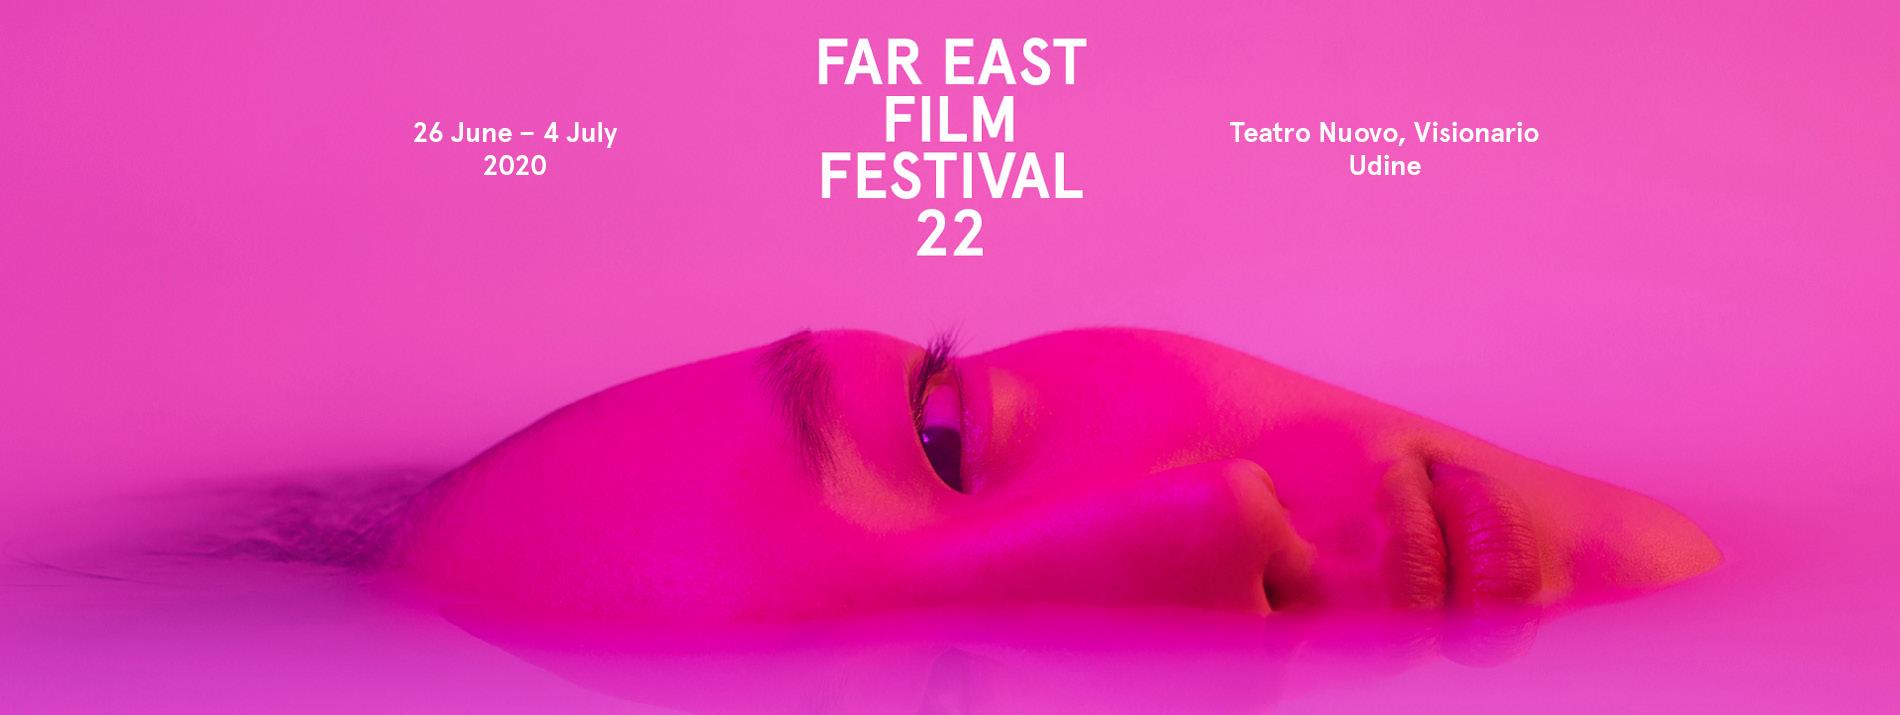 Far-east-film-festival-22